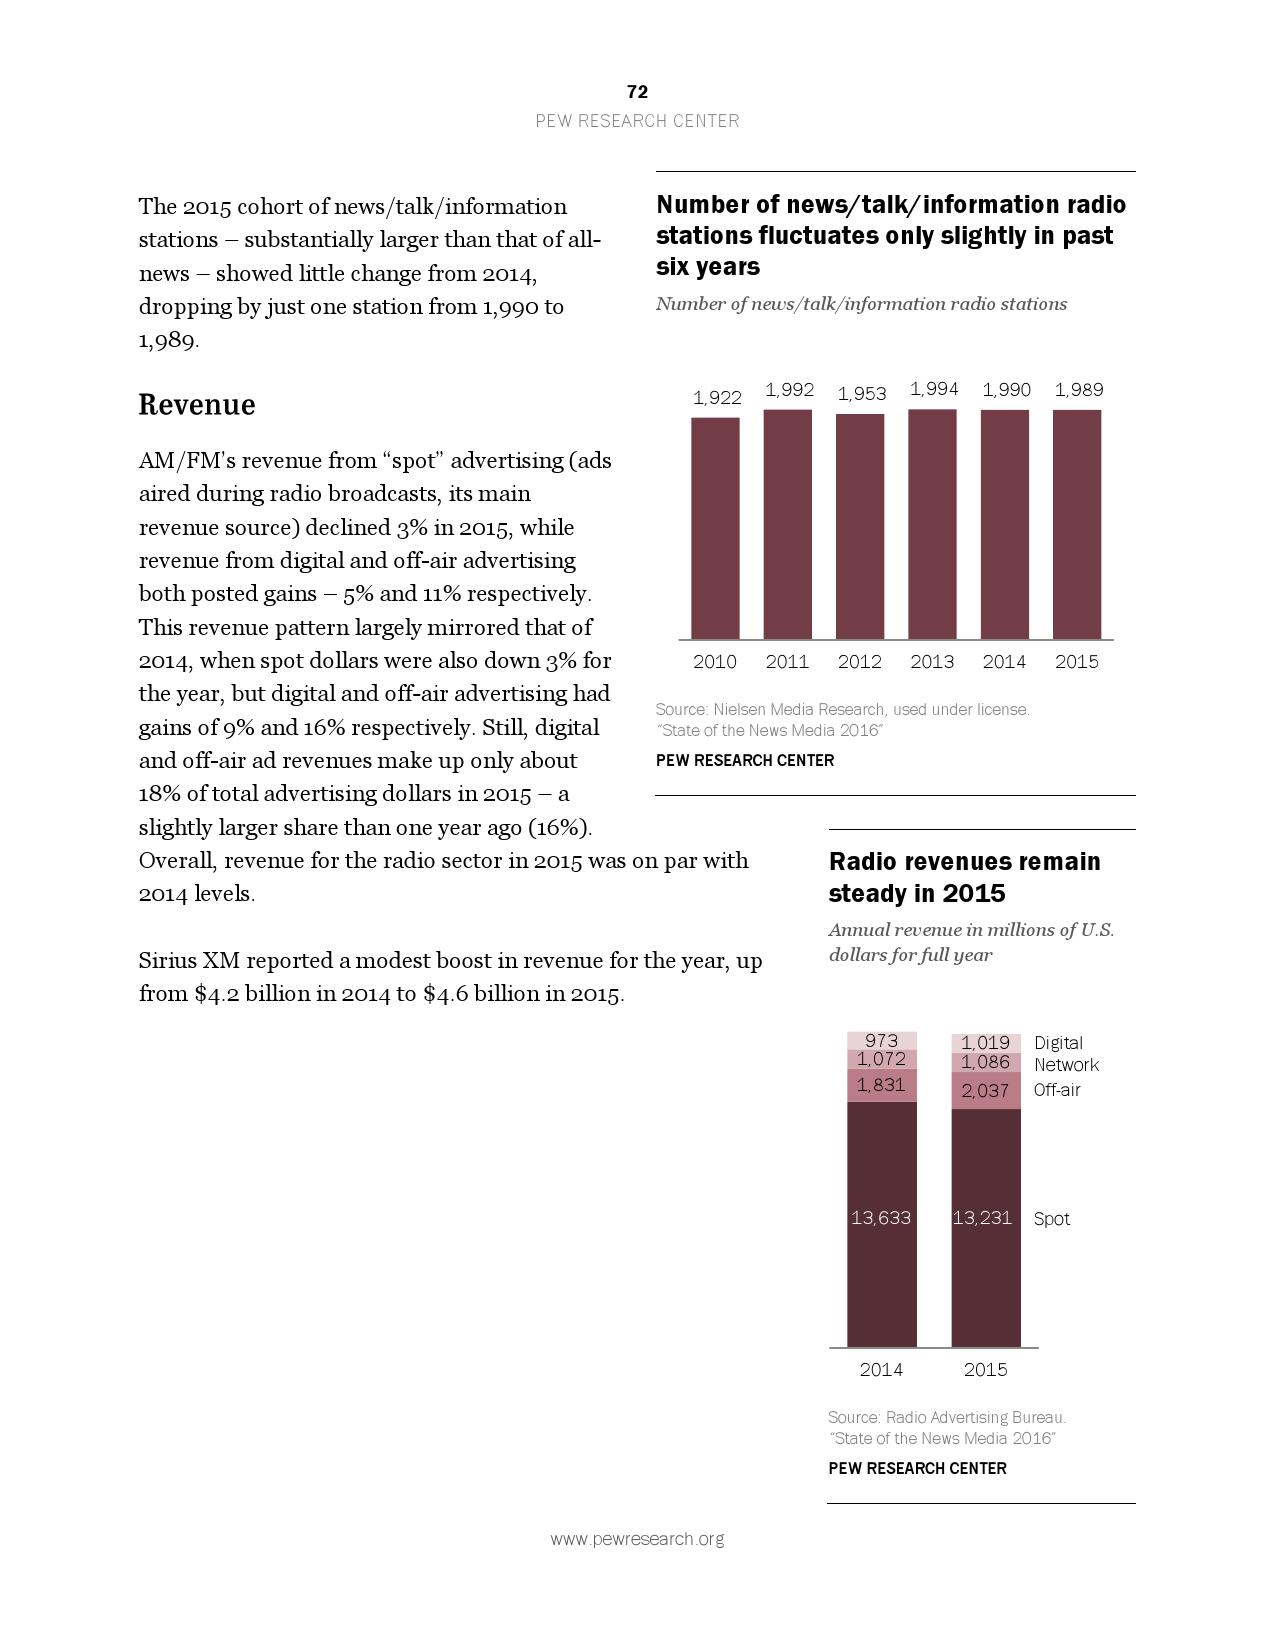 2016美国新媒体研究报告_000072